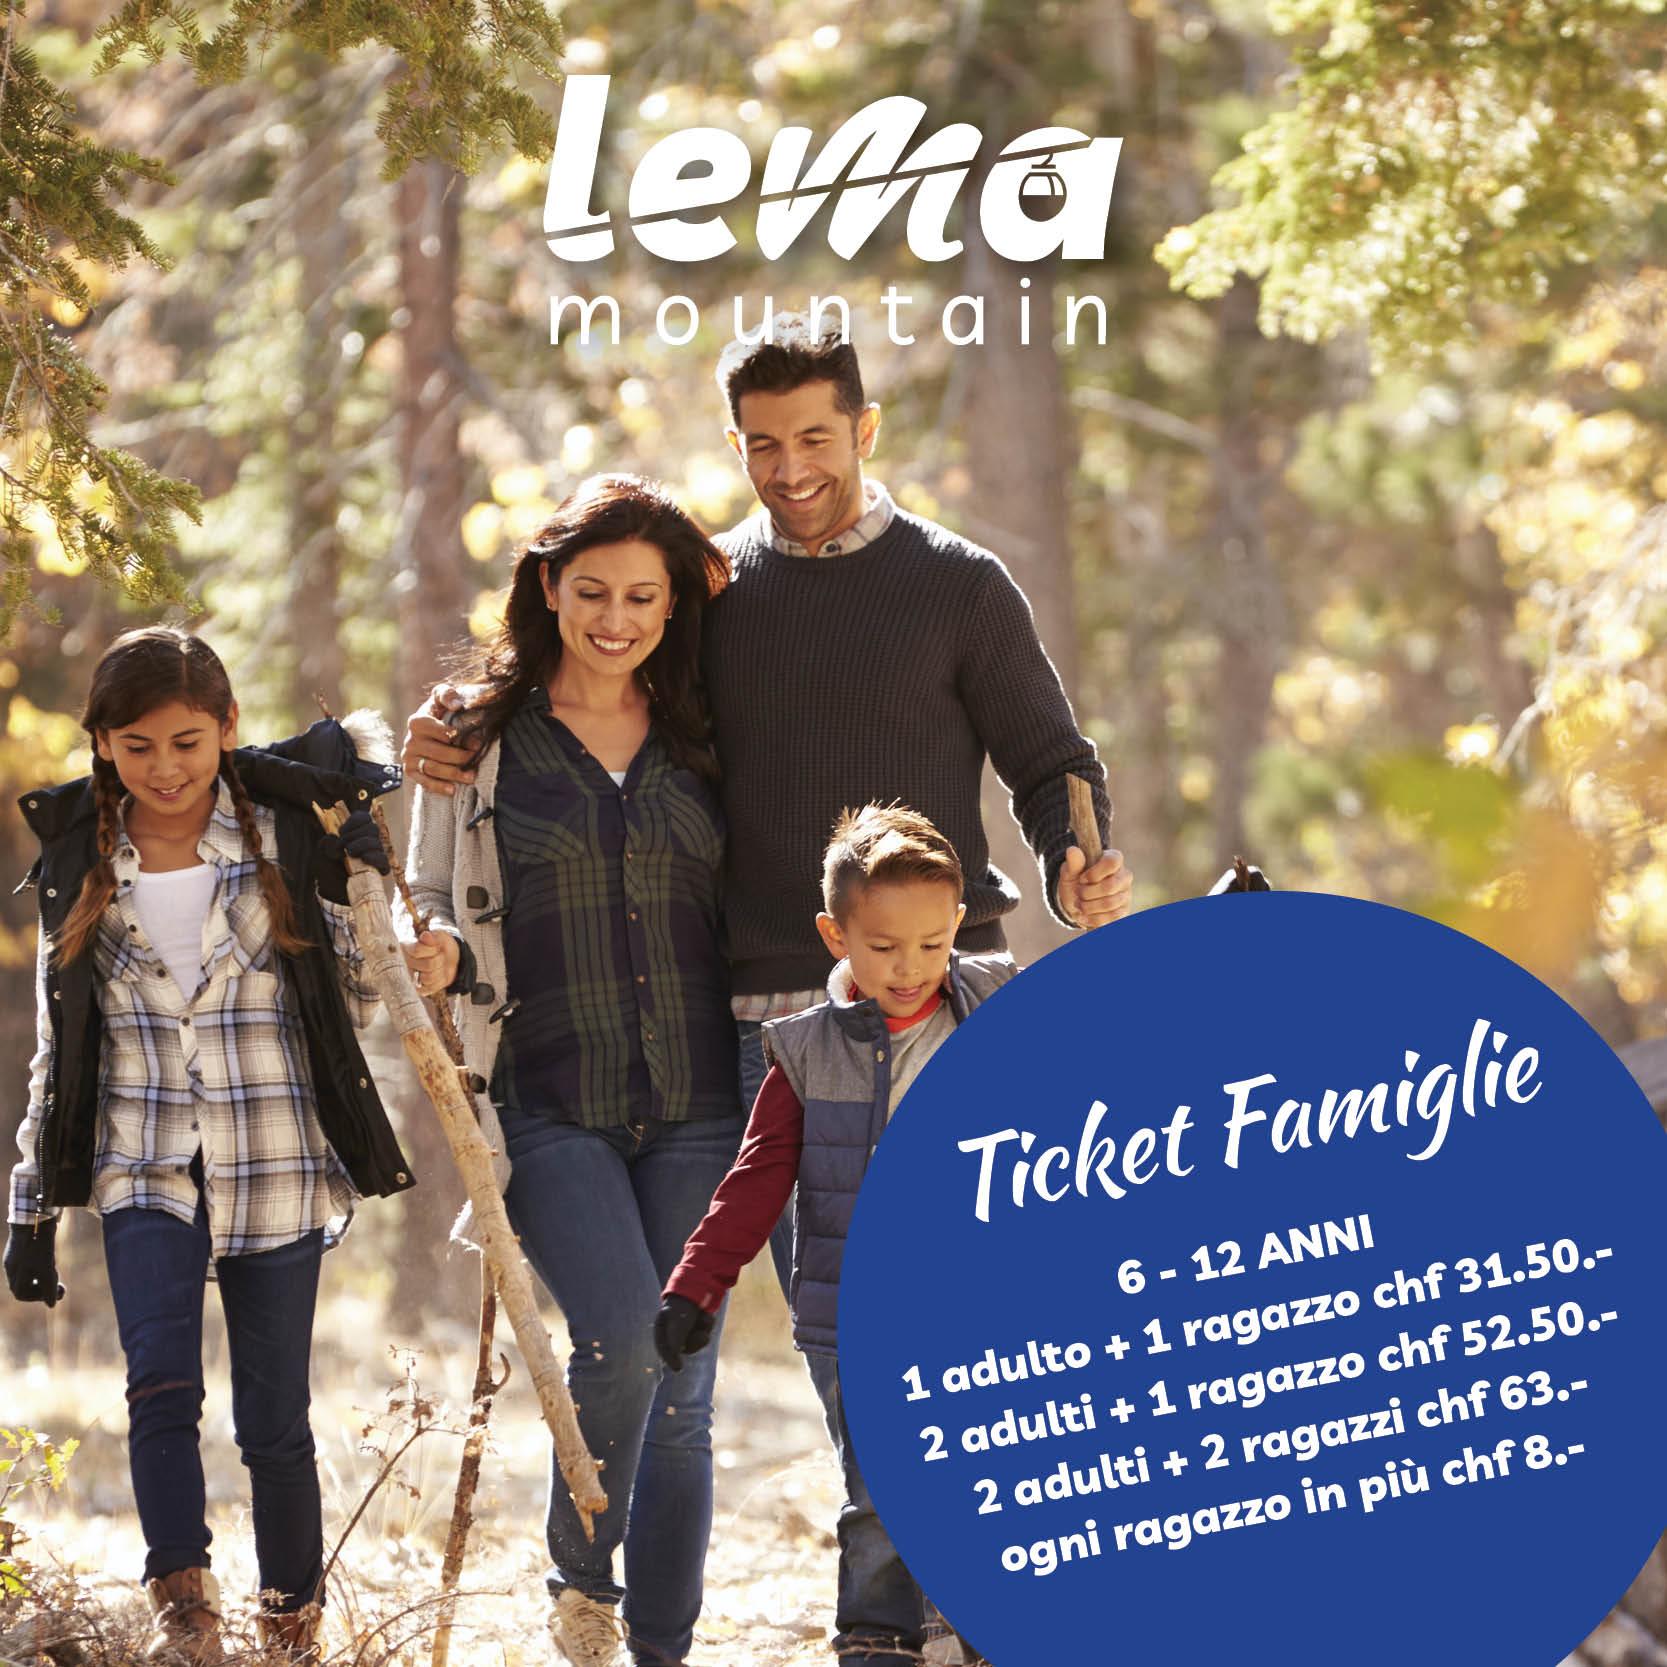 promozioni-famiglie-ITA